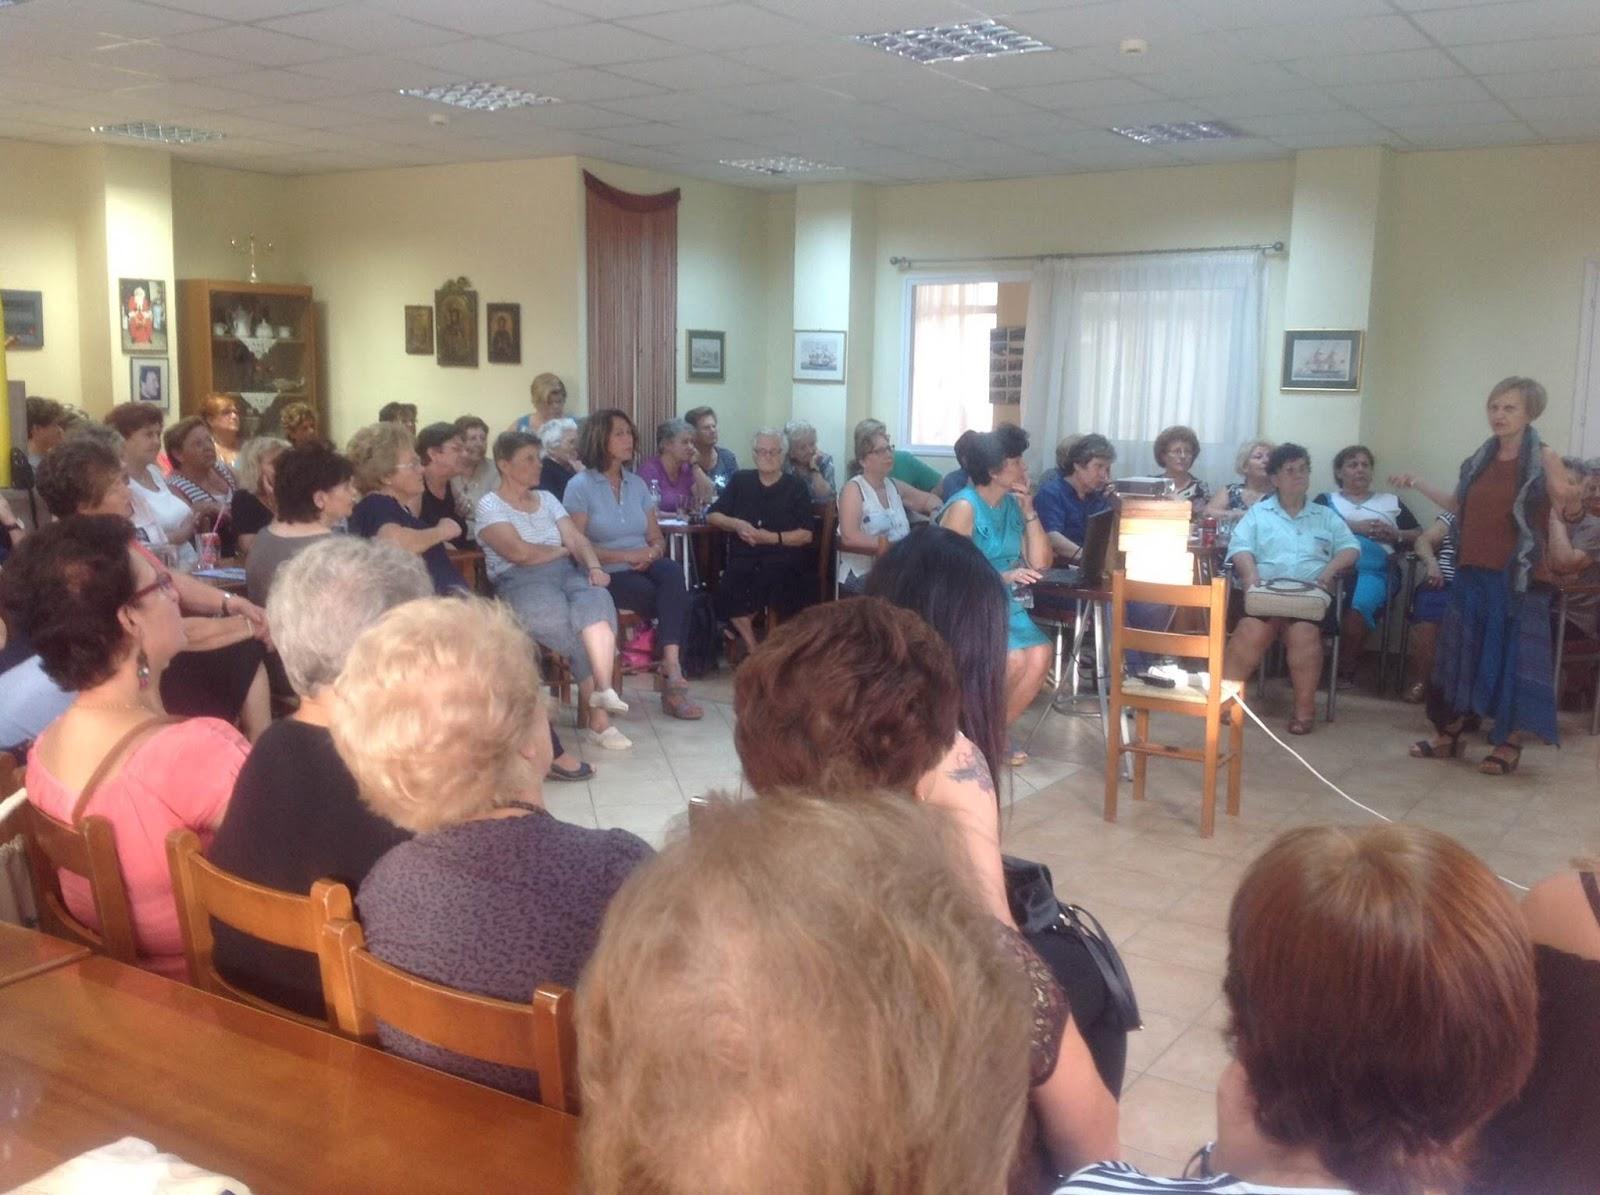 Πραγματοποιήθηκαν ενημερωτικές διαλέξεις στη Λάρισα για την νόσο Alzheimer